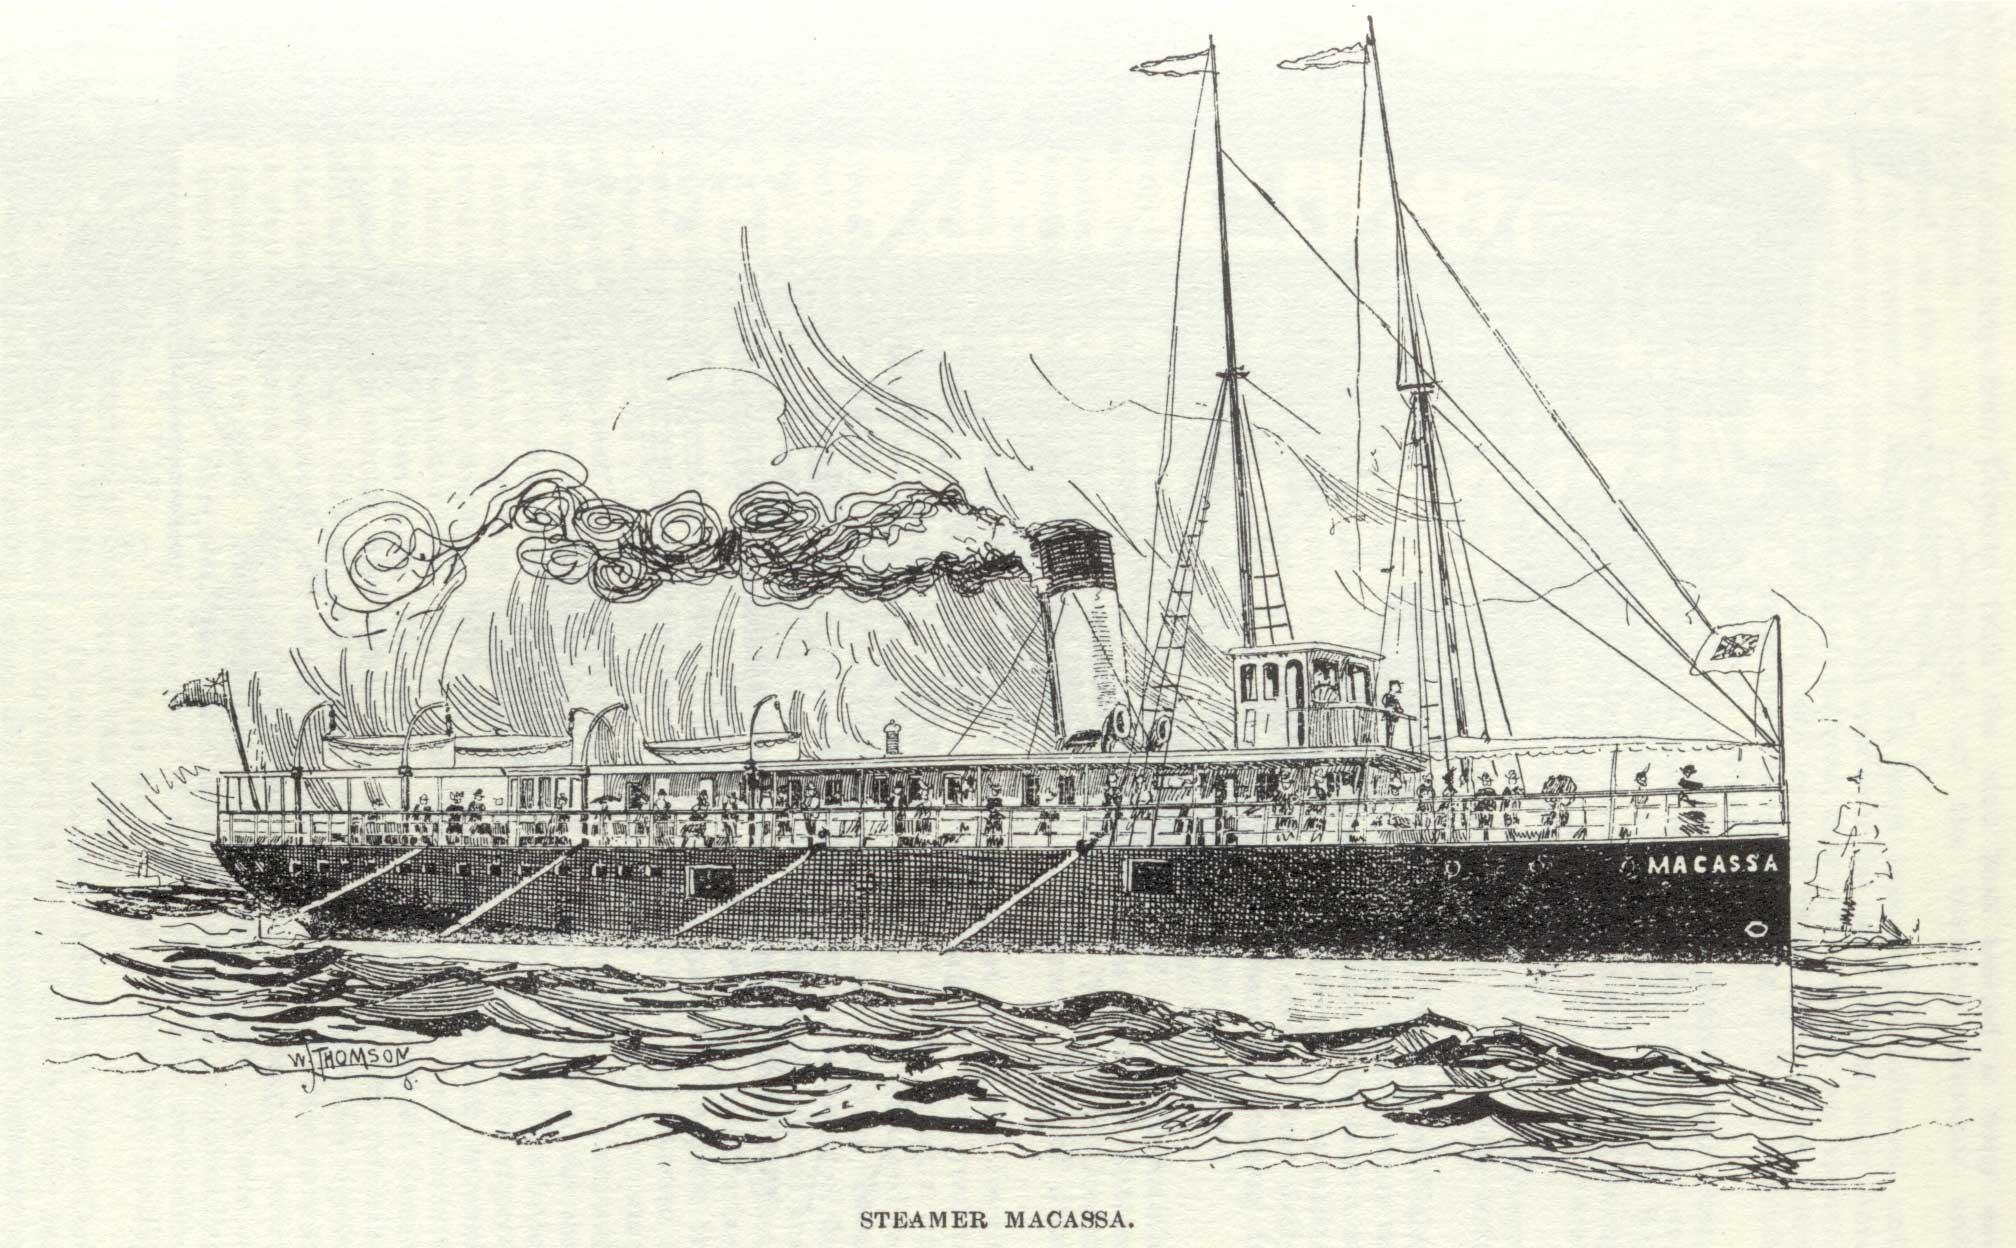 Steamer Macassa